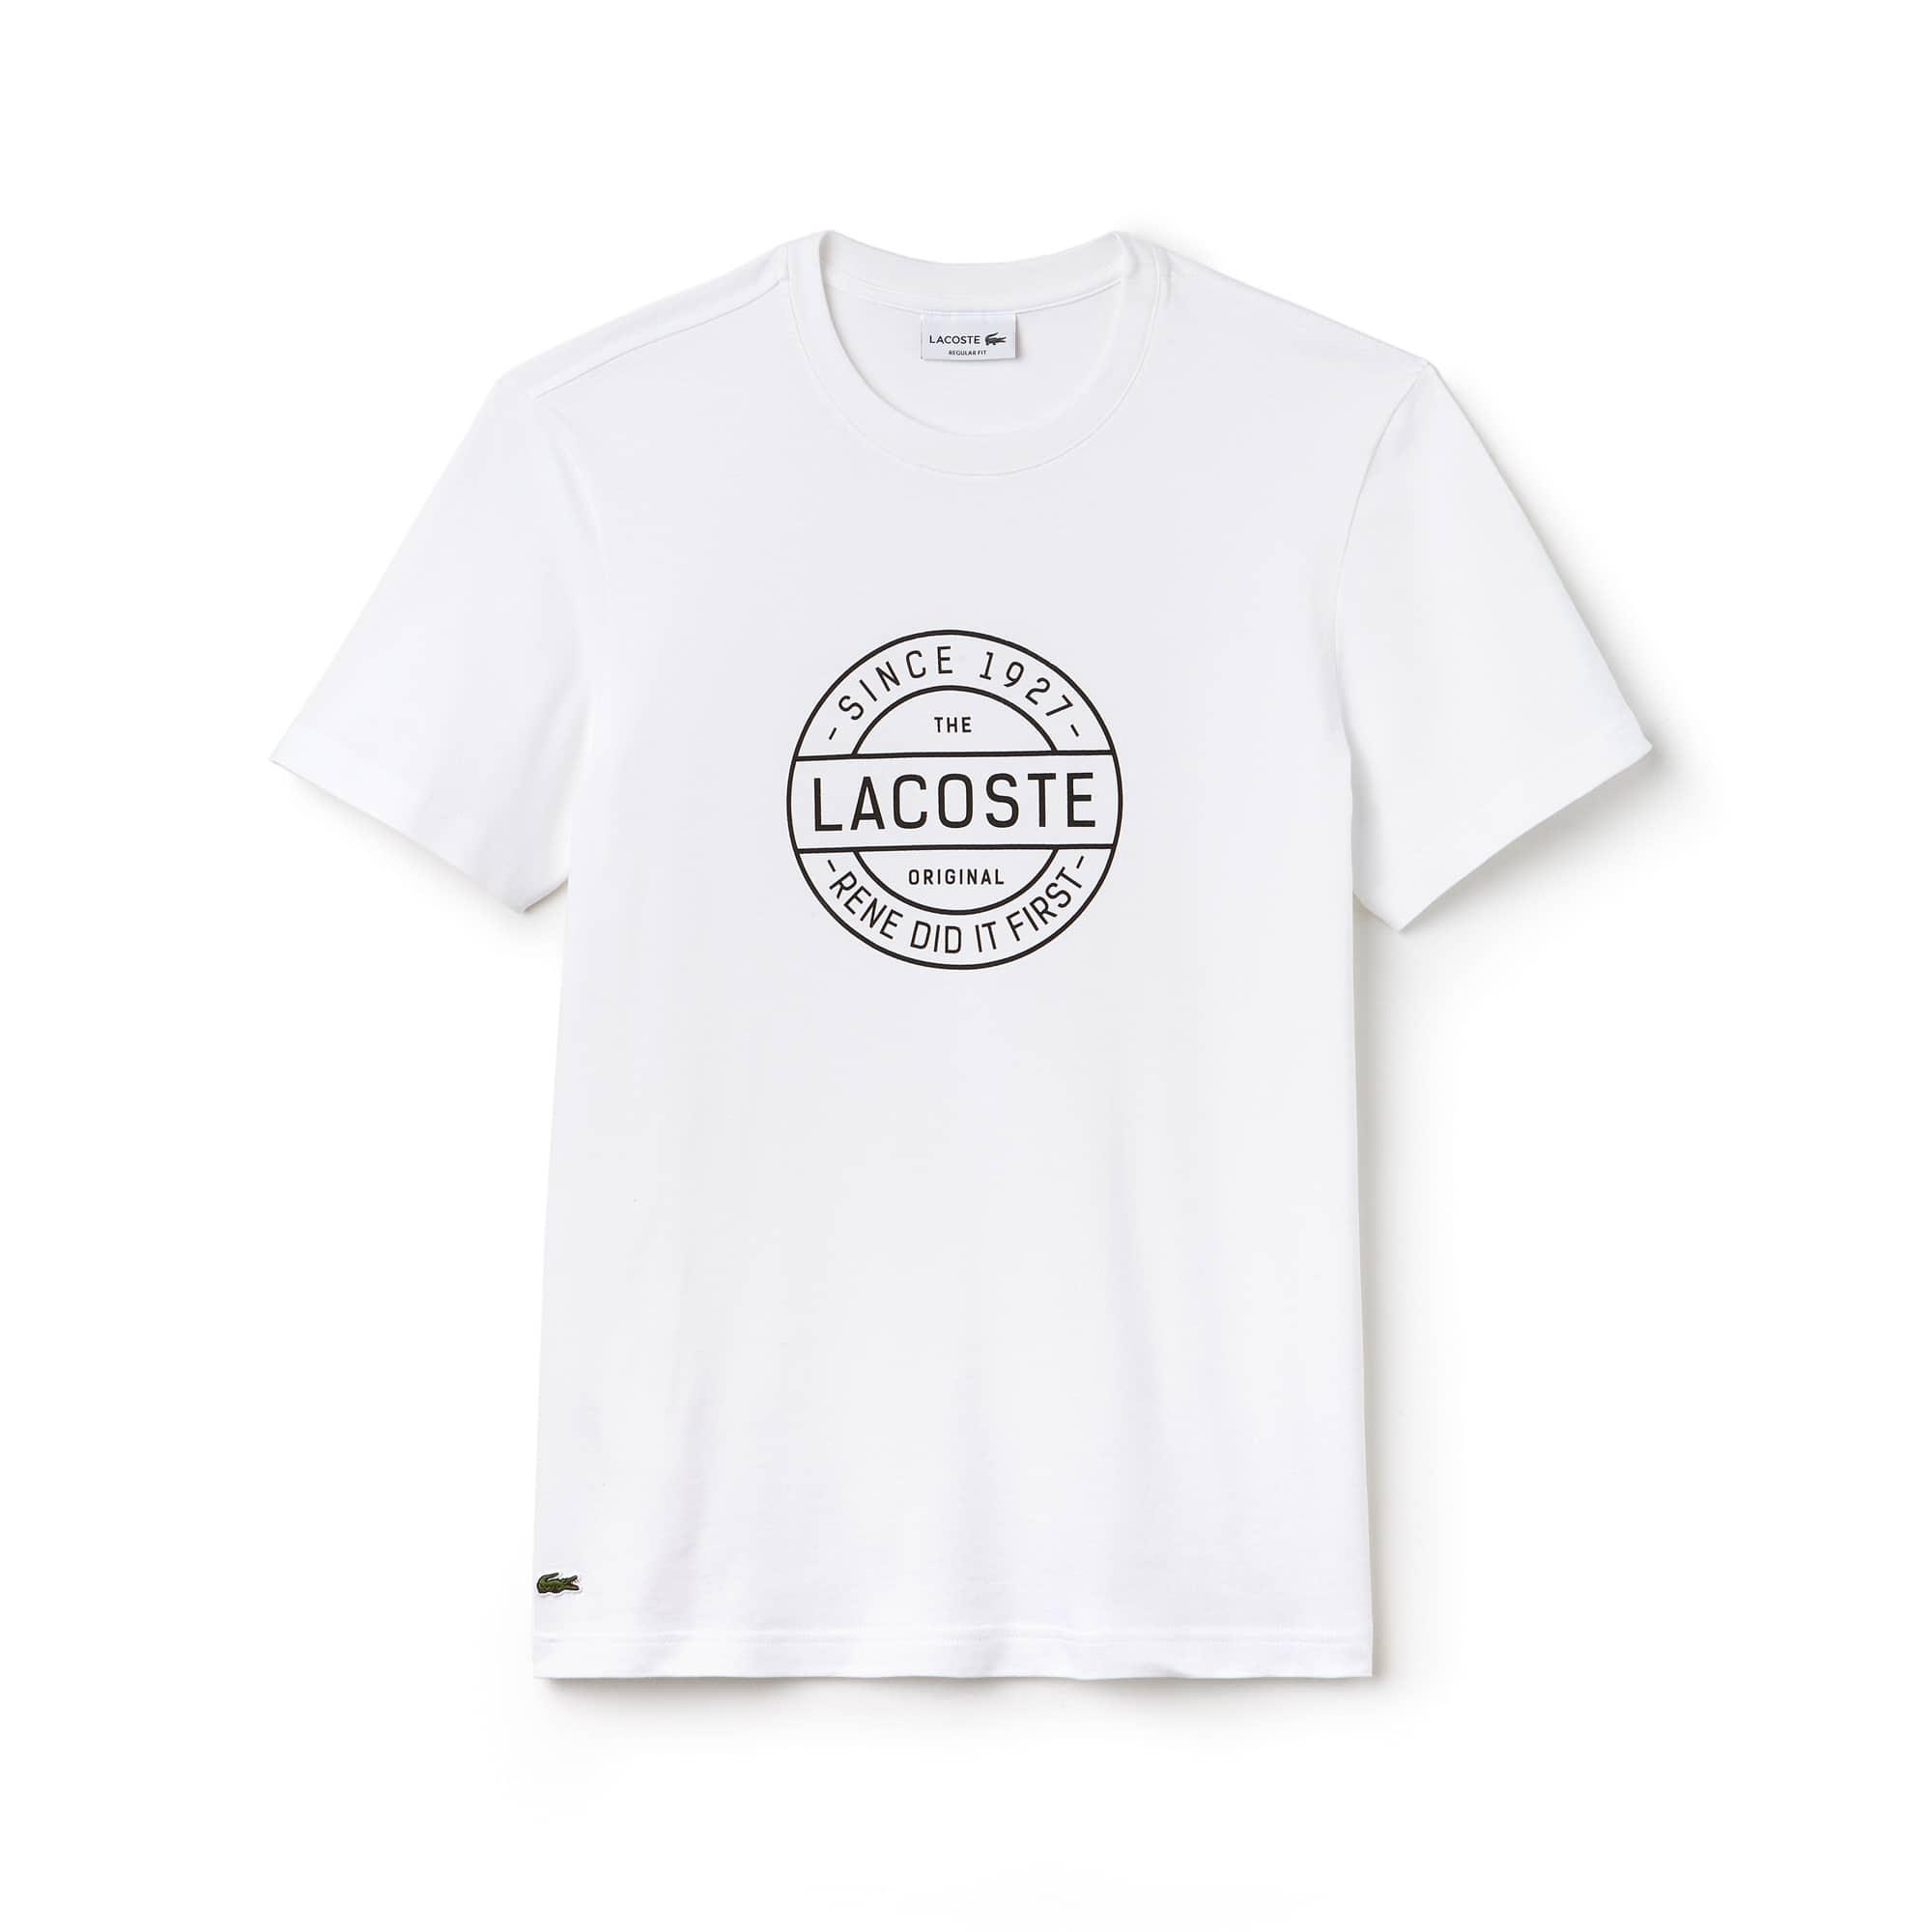 Herren-Rundhals-T-Shirt MADE IN FRANCE aus Baumwolljersey mit Schriftzug